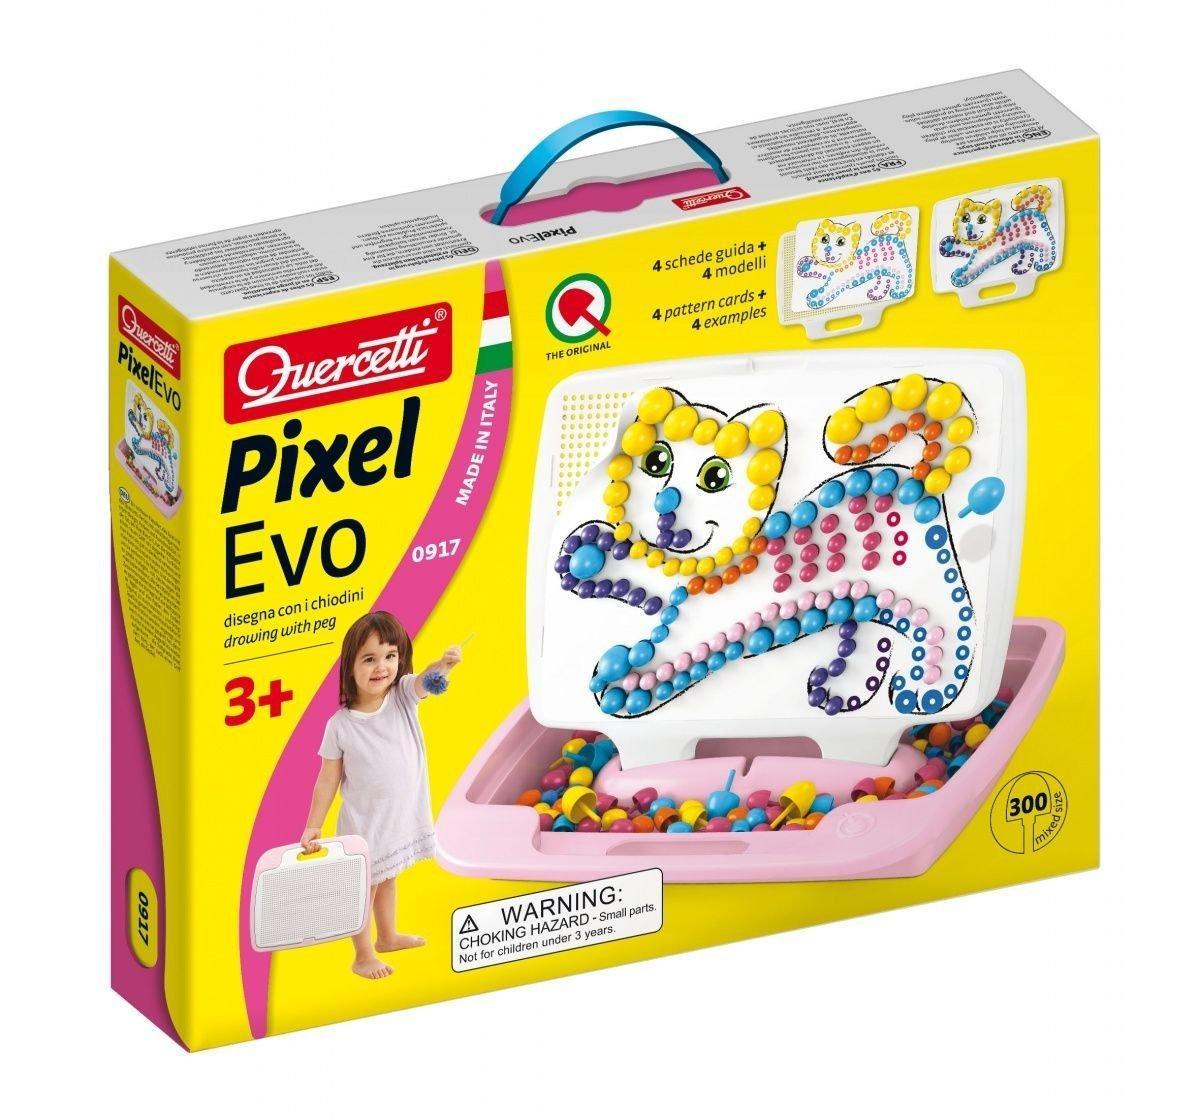 PIXEL EVO GIRL LARGE 0917 QUERCETTI